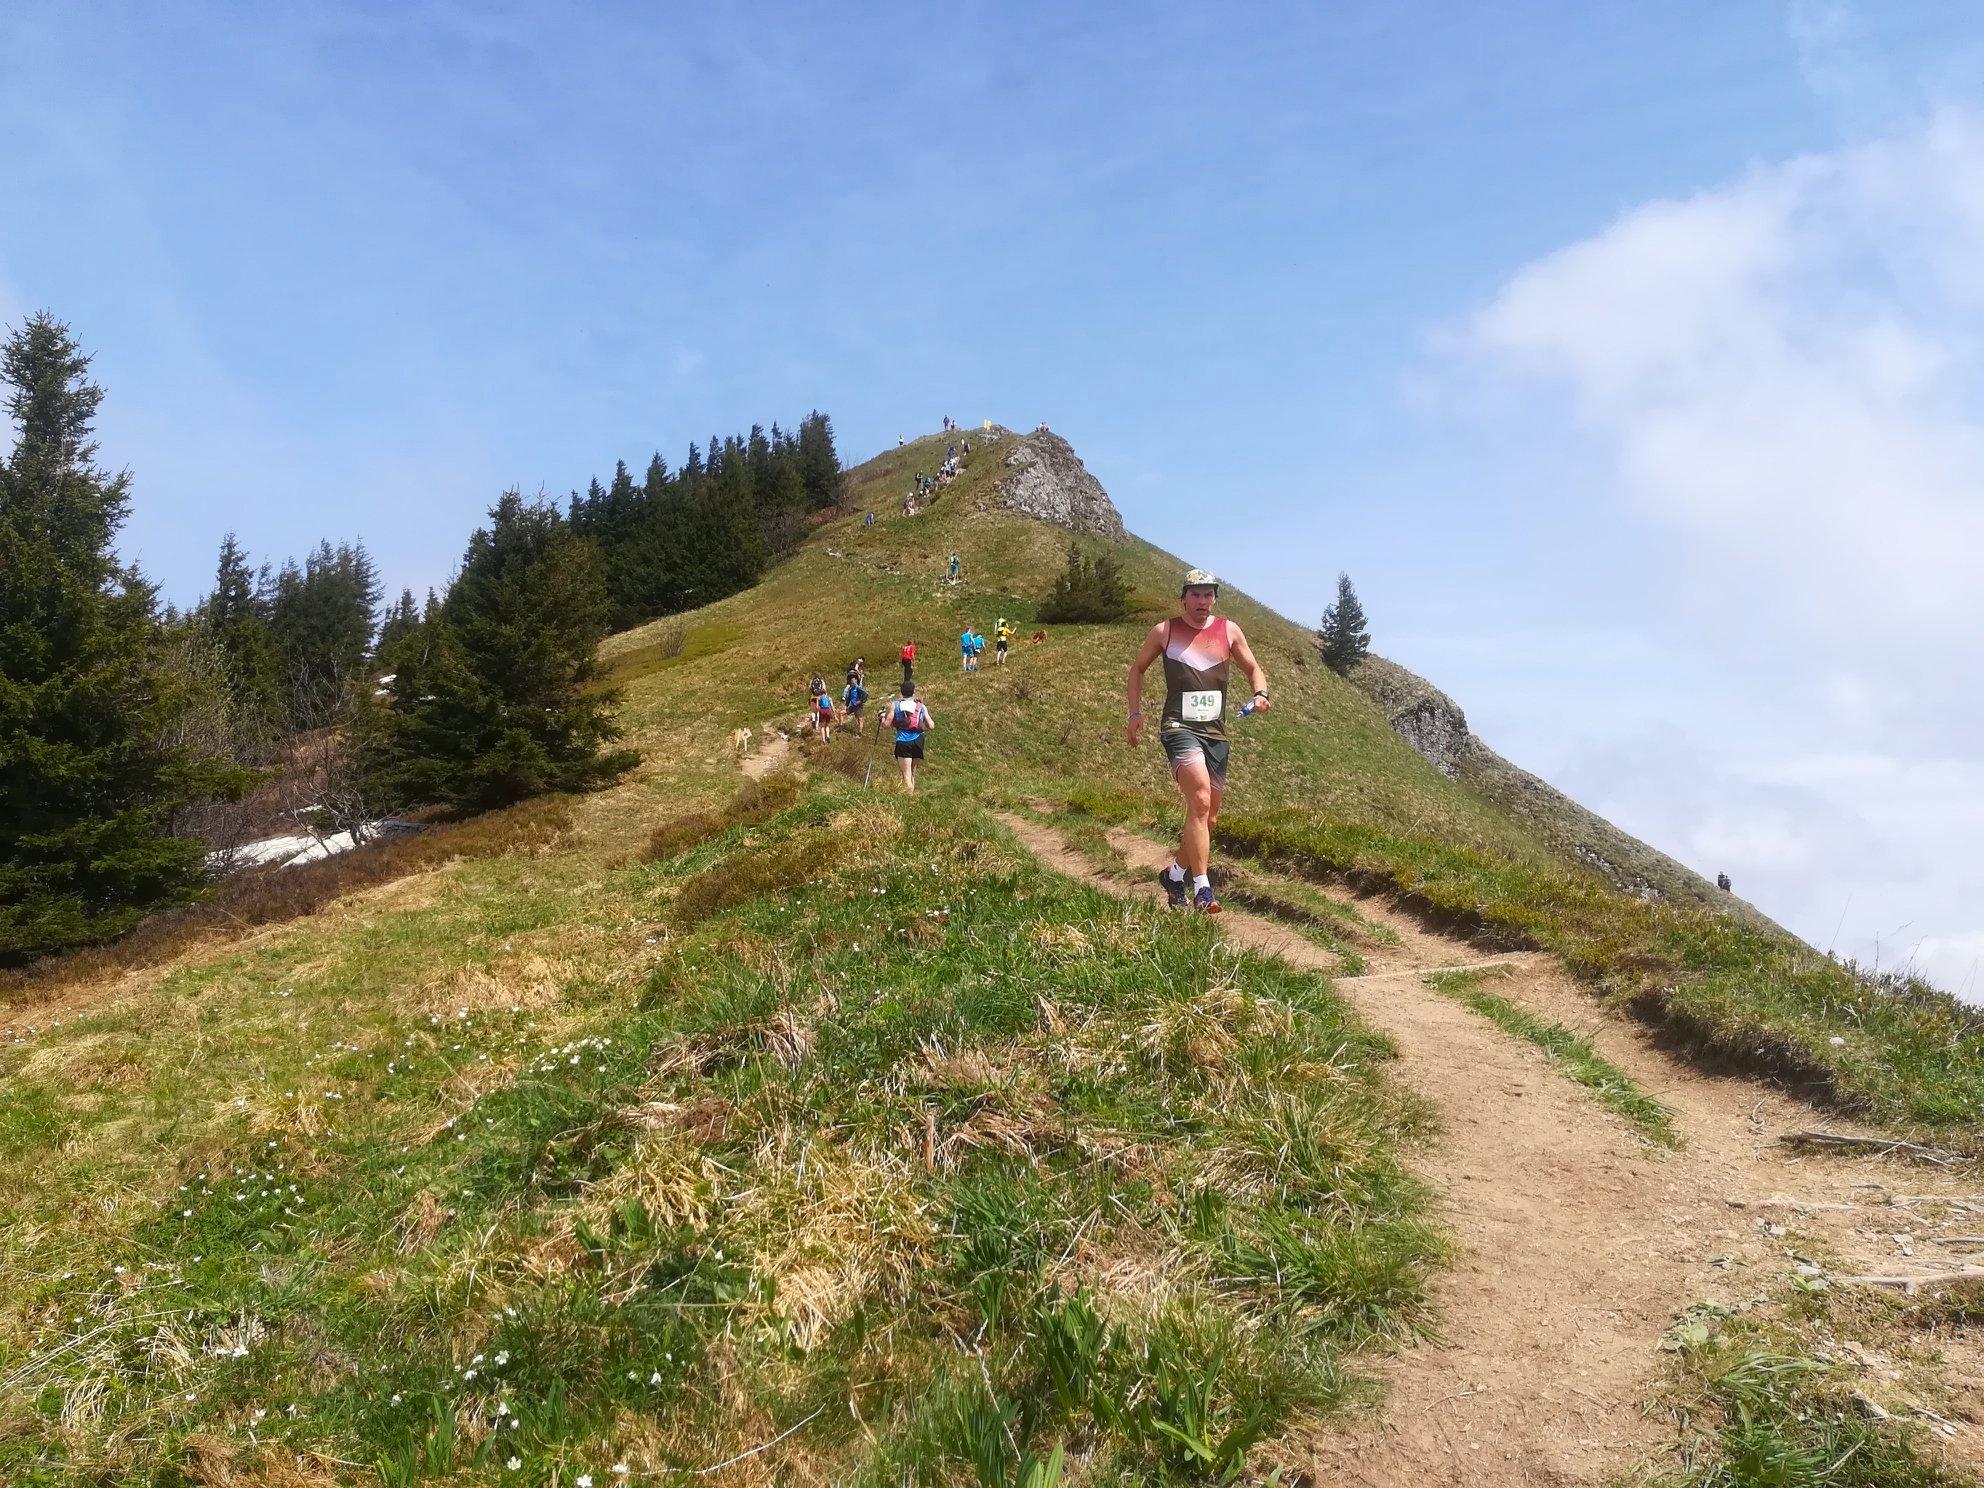 Eventbericht – Chiemgau Trail Run 2018: Neuer Trailrunning Event in den Chiemgauer Alpen feiert gelungene Premiere